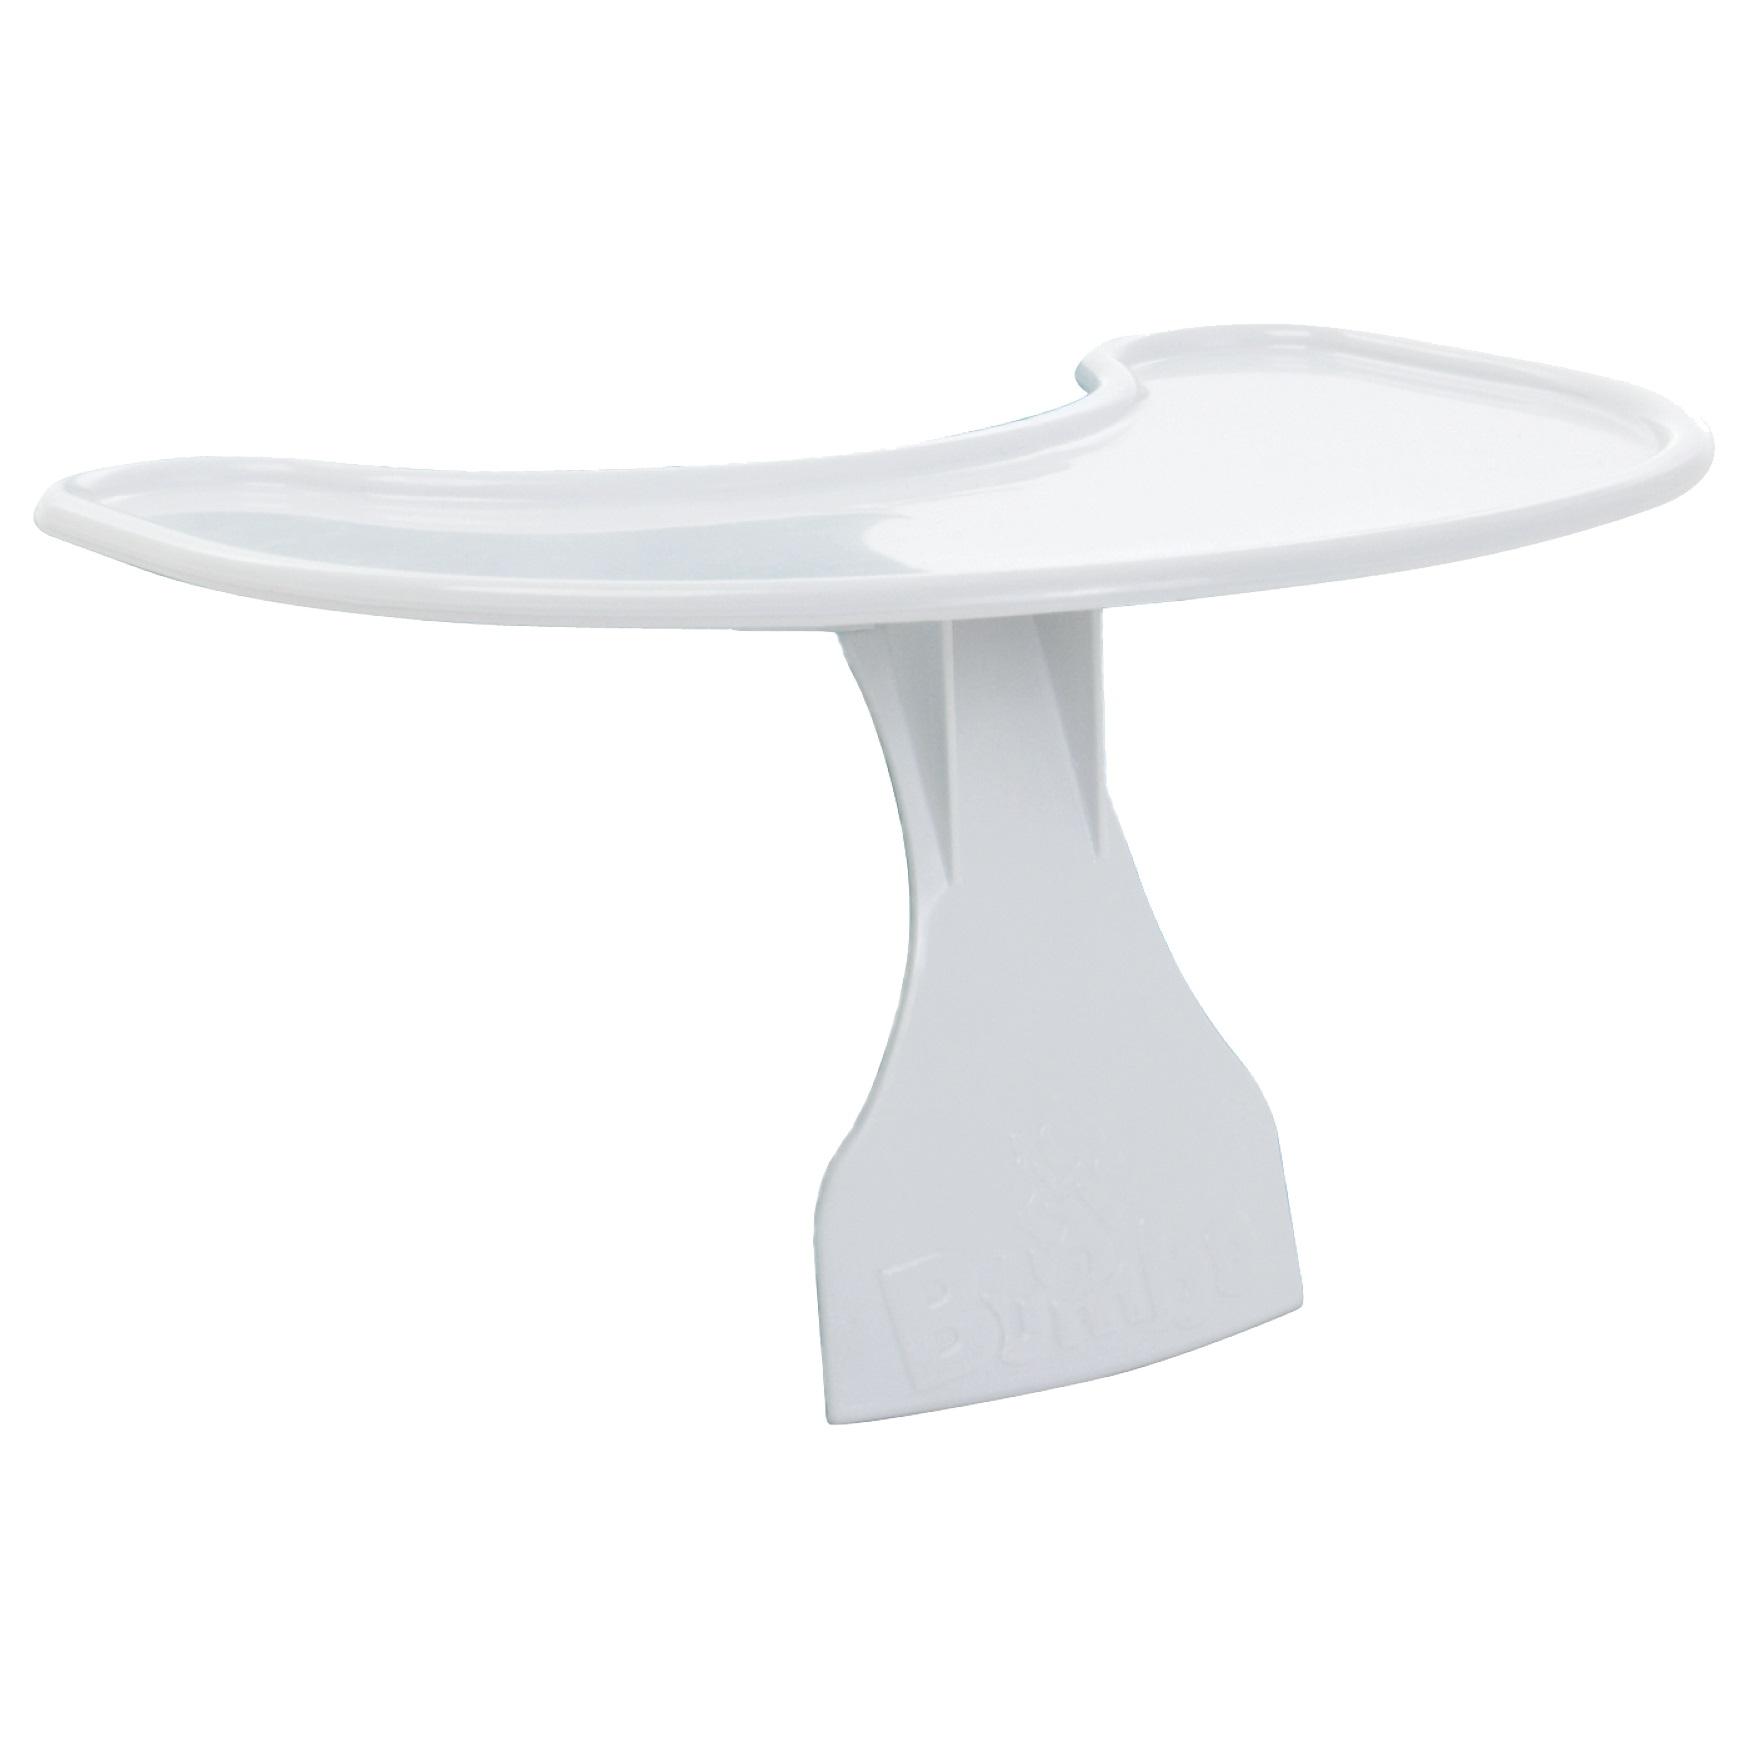 Bandeja para assento Bumbo Floor Seat Play Tray